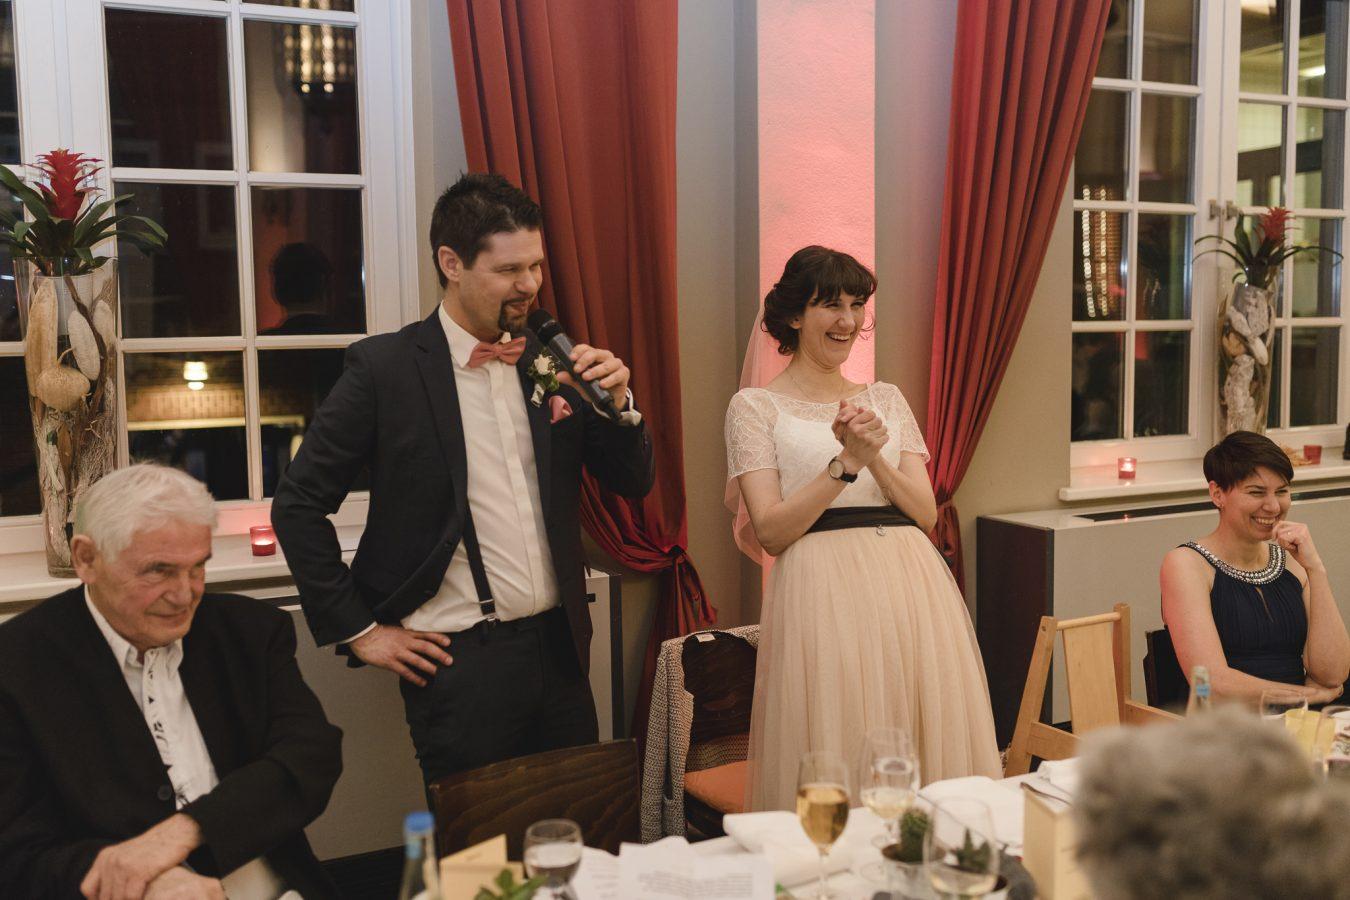 Hochzeitsfotograf Hamburg - Brautpaar lacht bei der Rede